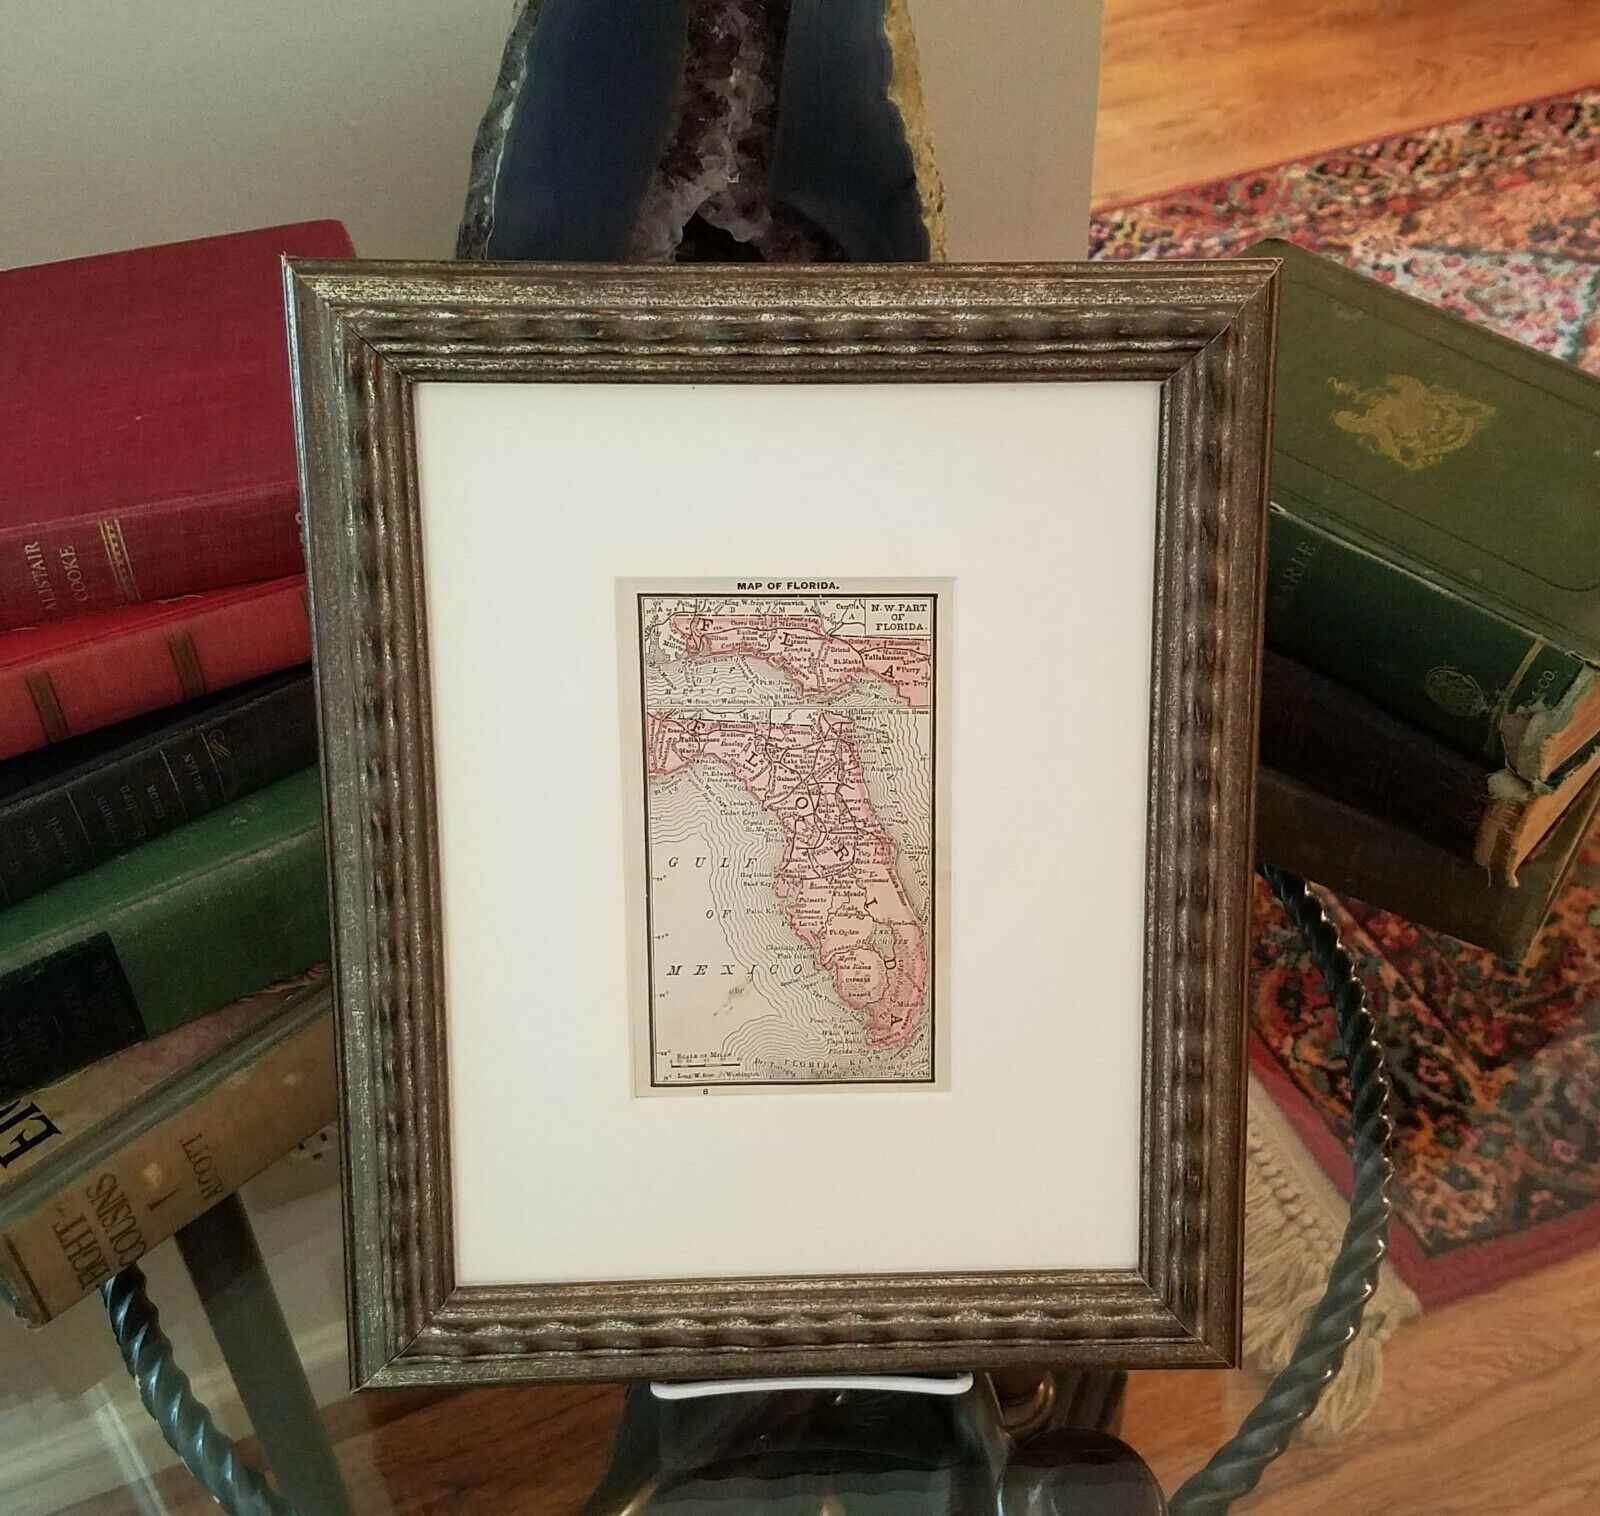 Framed Original 1887 Antique Map of Florida